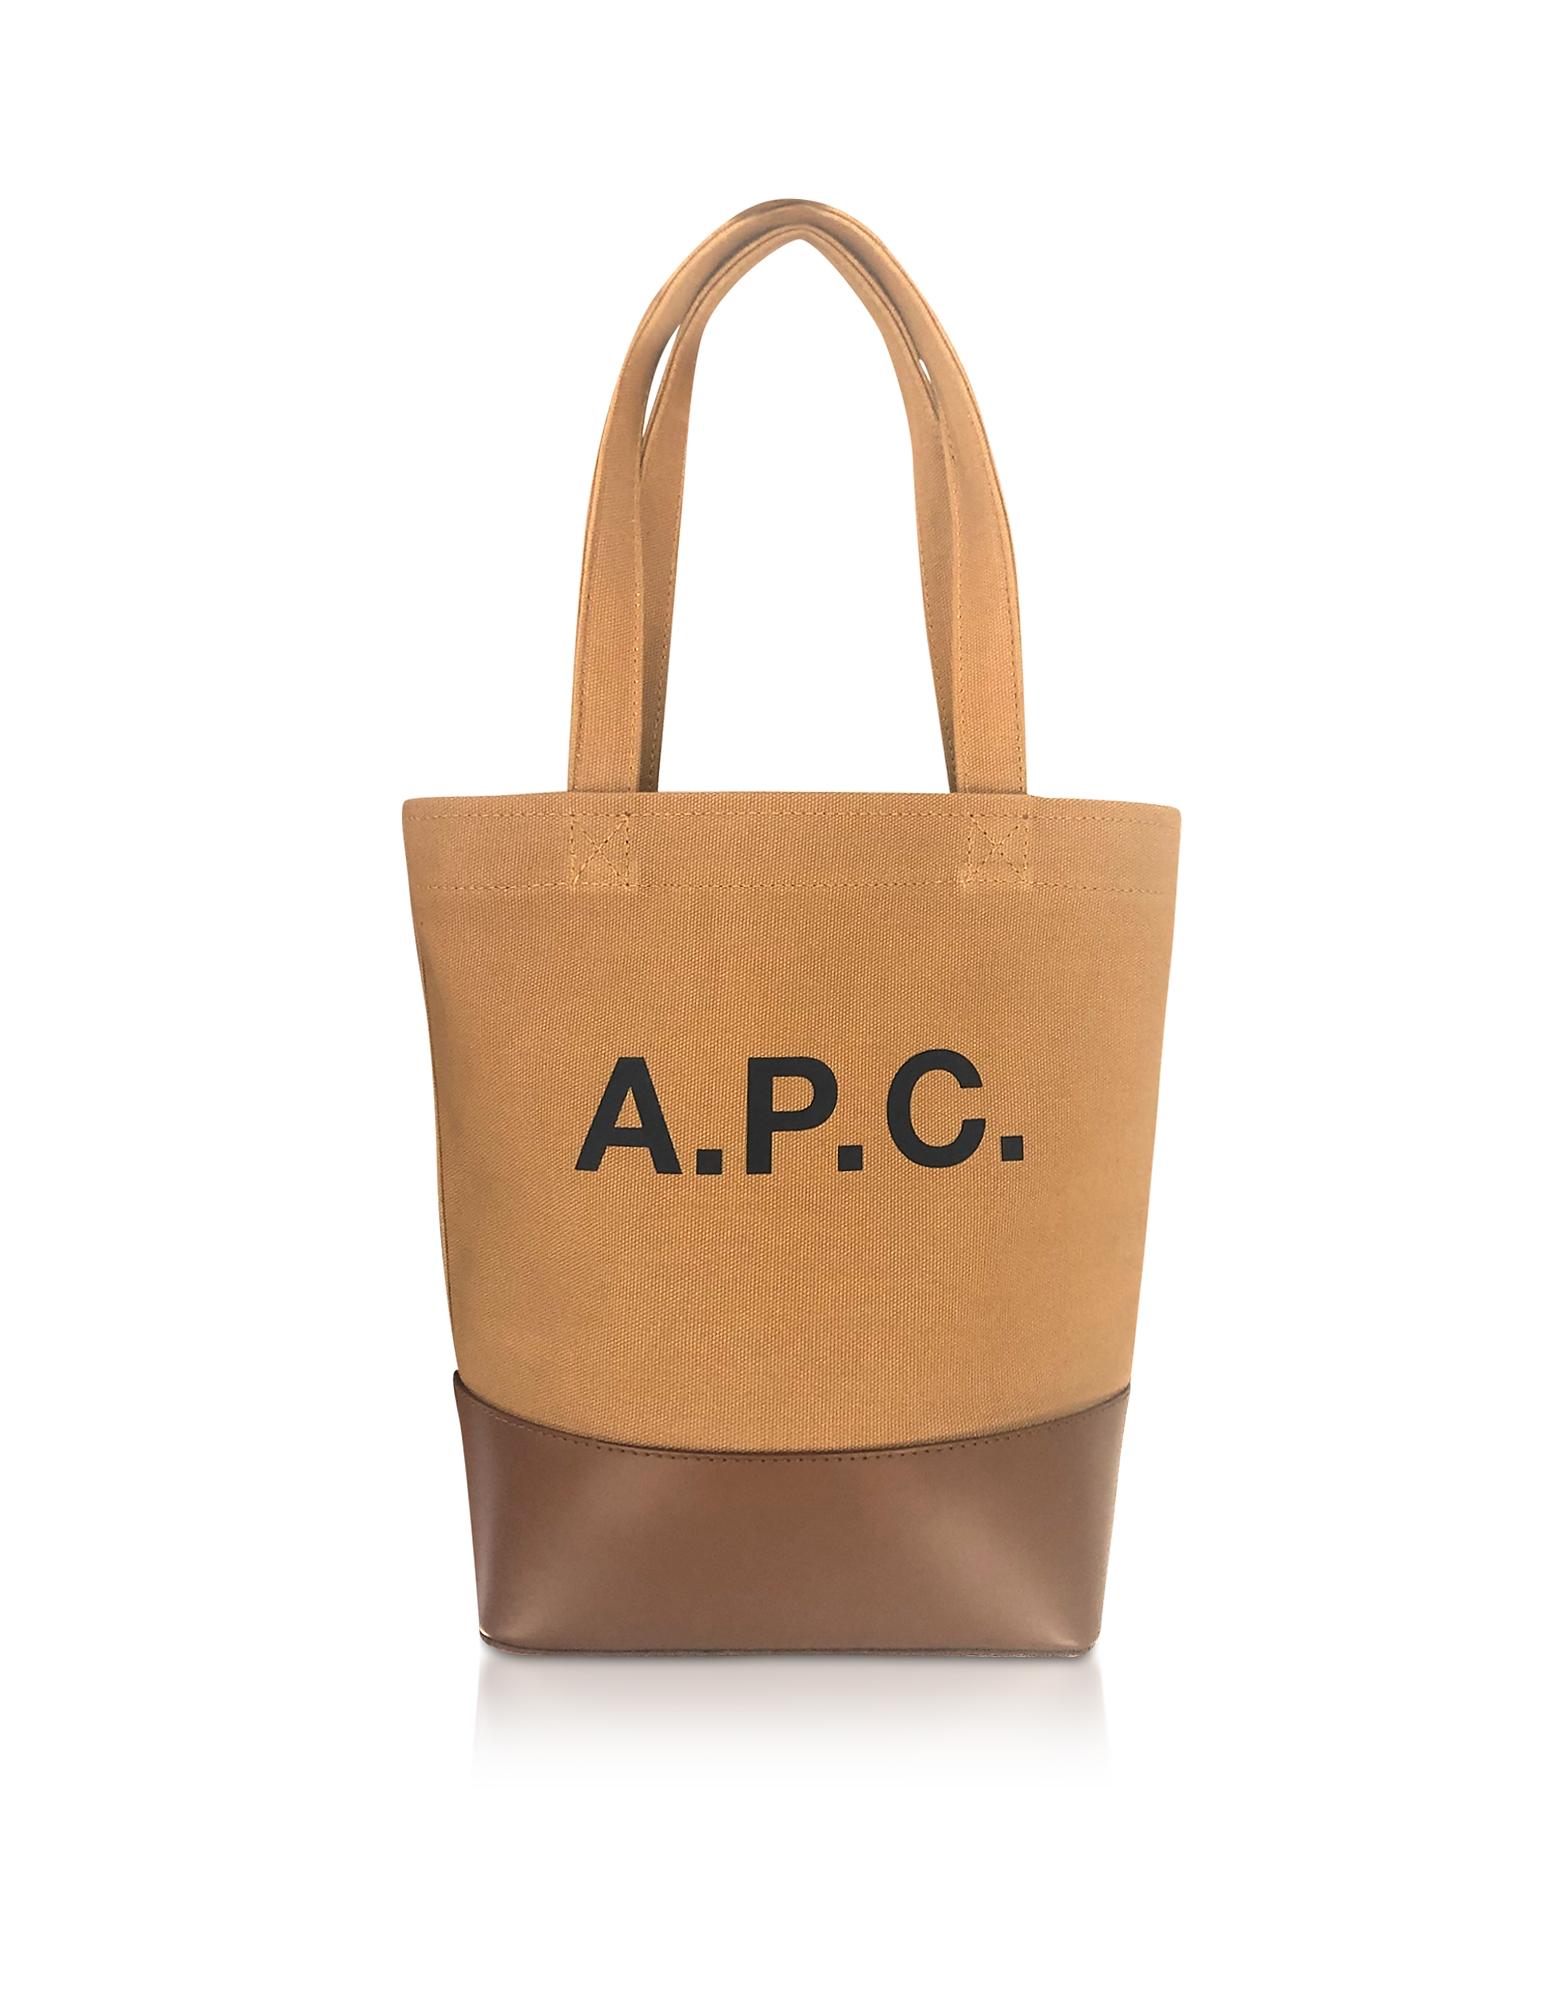 A.P.C. Designer Handbags, Camel Small Axelle Tote Bag